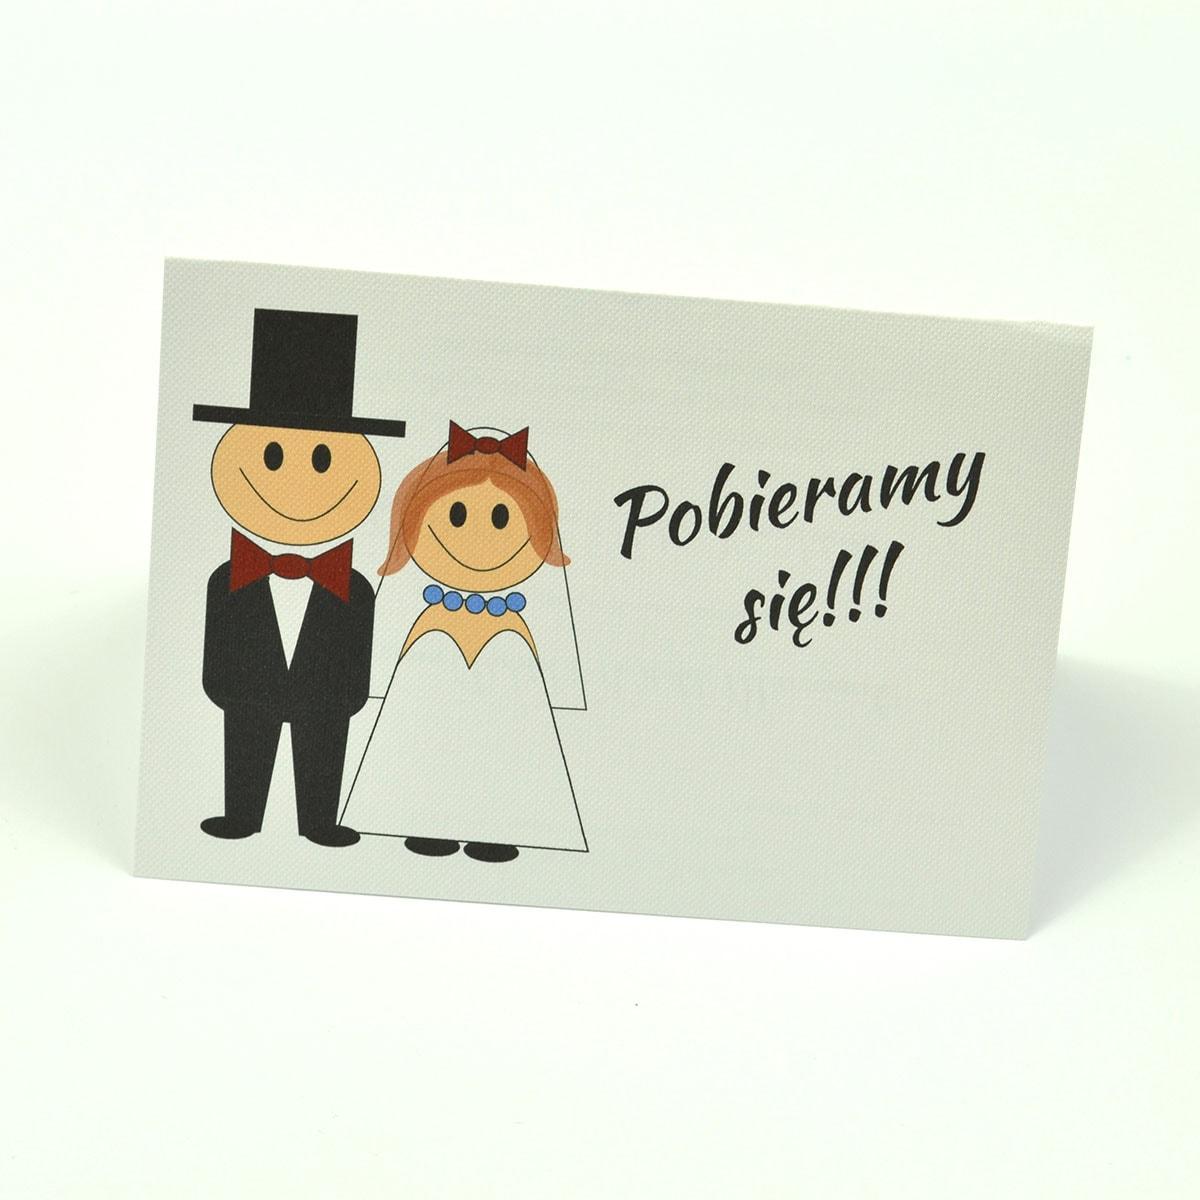 Klasyczne zaproszenia ślubne z humorystycznym obrazkiem przedstawiającym Pana Młodego i Panią Młodą. ZAP-56-03